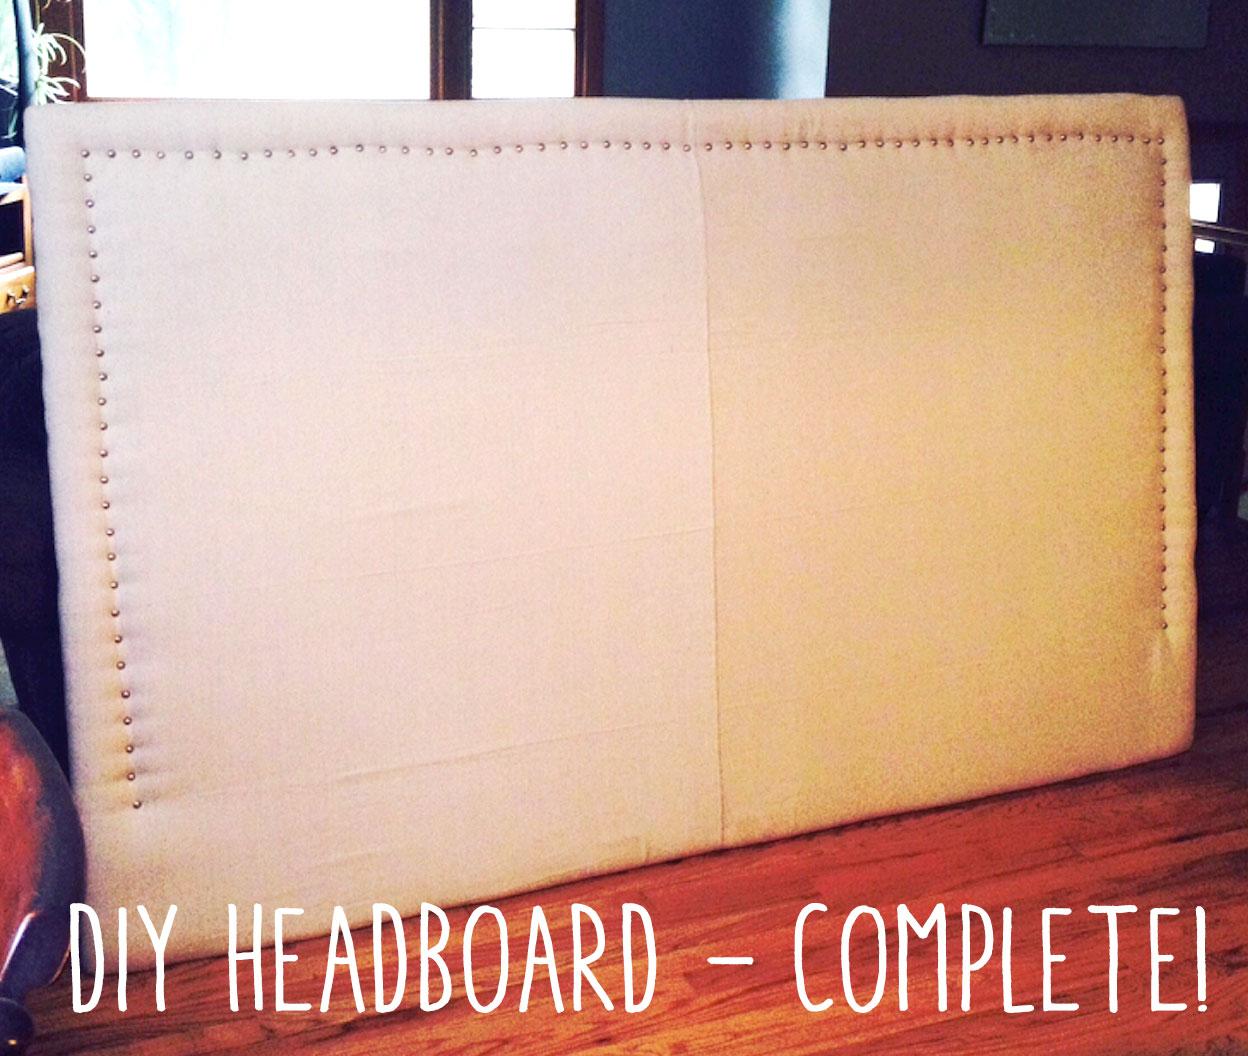 Completed DIY Headboard!